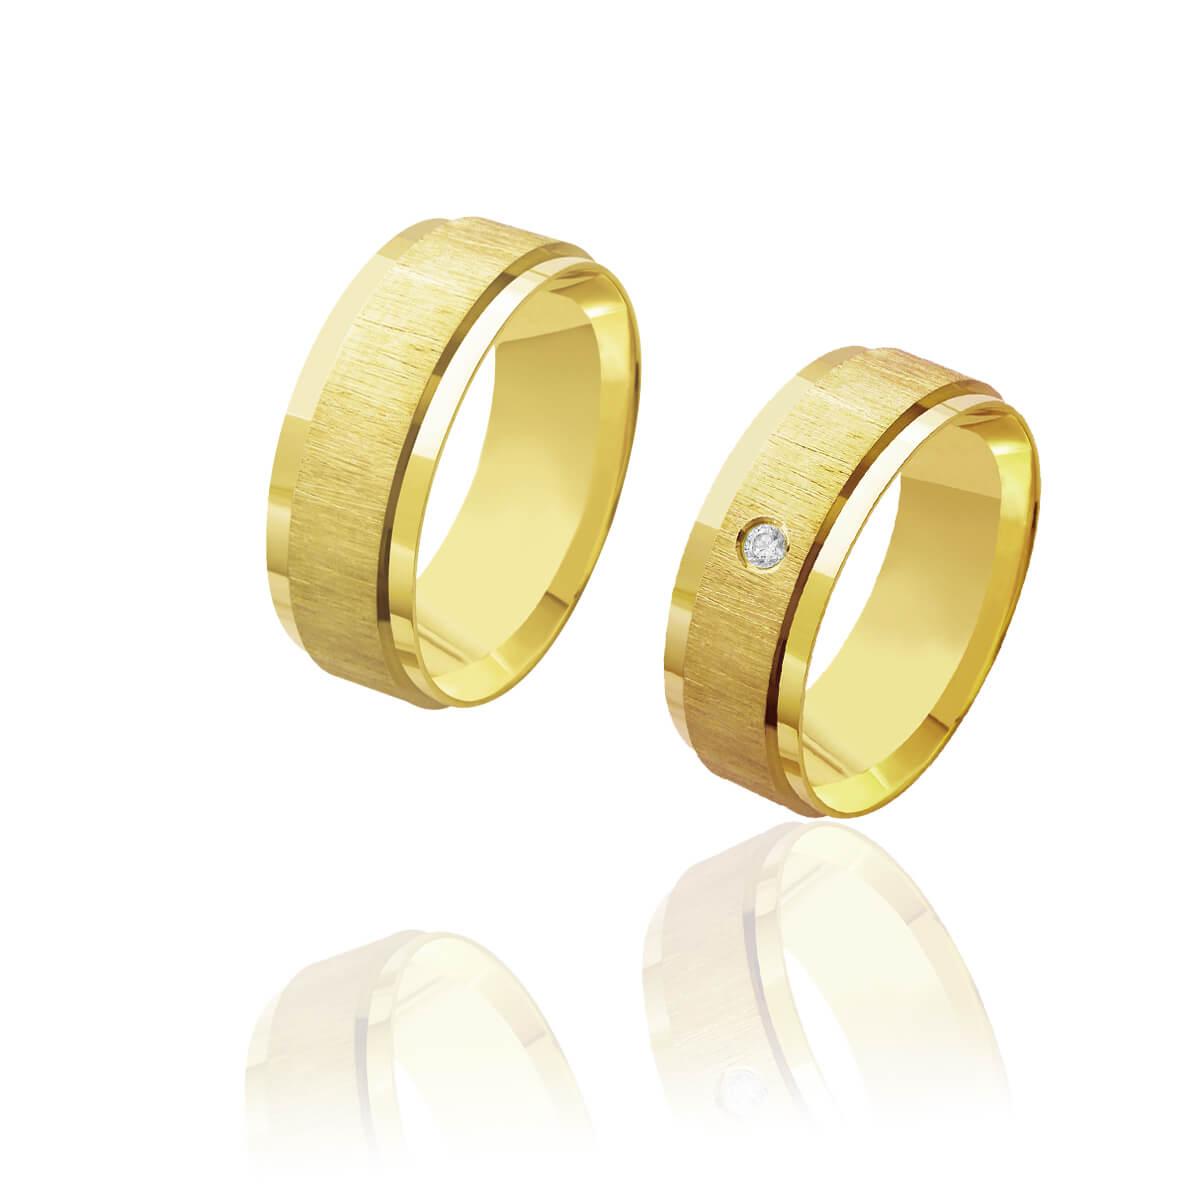 Par de Alianças de Casamento Afrodite Ouro 18k com Aplique Central Diamantado e Brilhante 7,6mm 8g